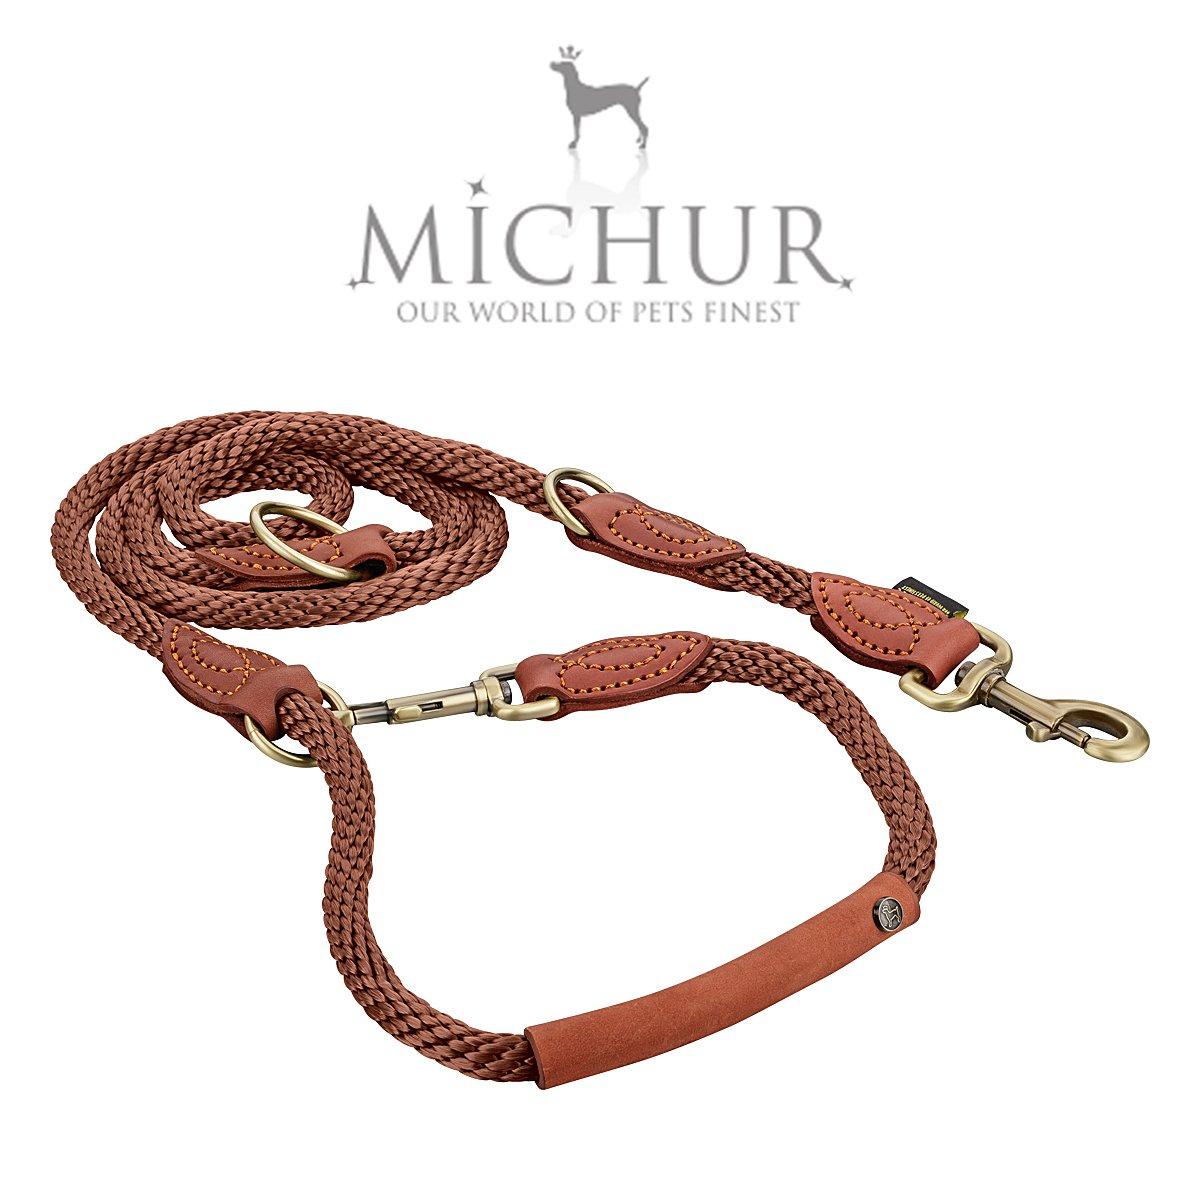 Michur Sherpa Hundeleine Führleine rund gewebt aus Nylon Tau mit robustem Leder verstärkt, 3-fach verstellbar, in verschiedenen Größen erhältlich